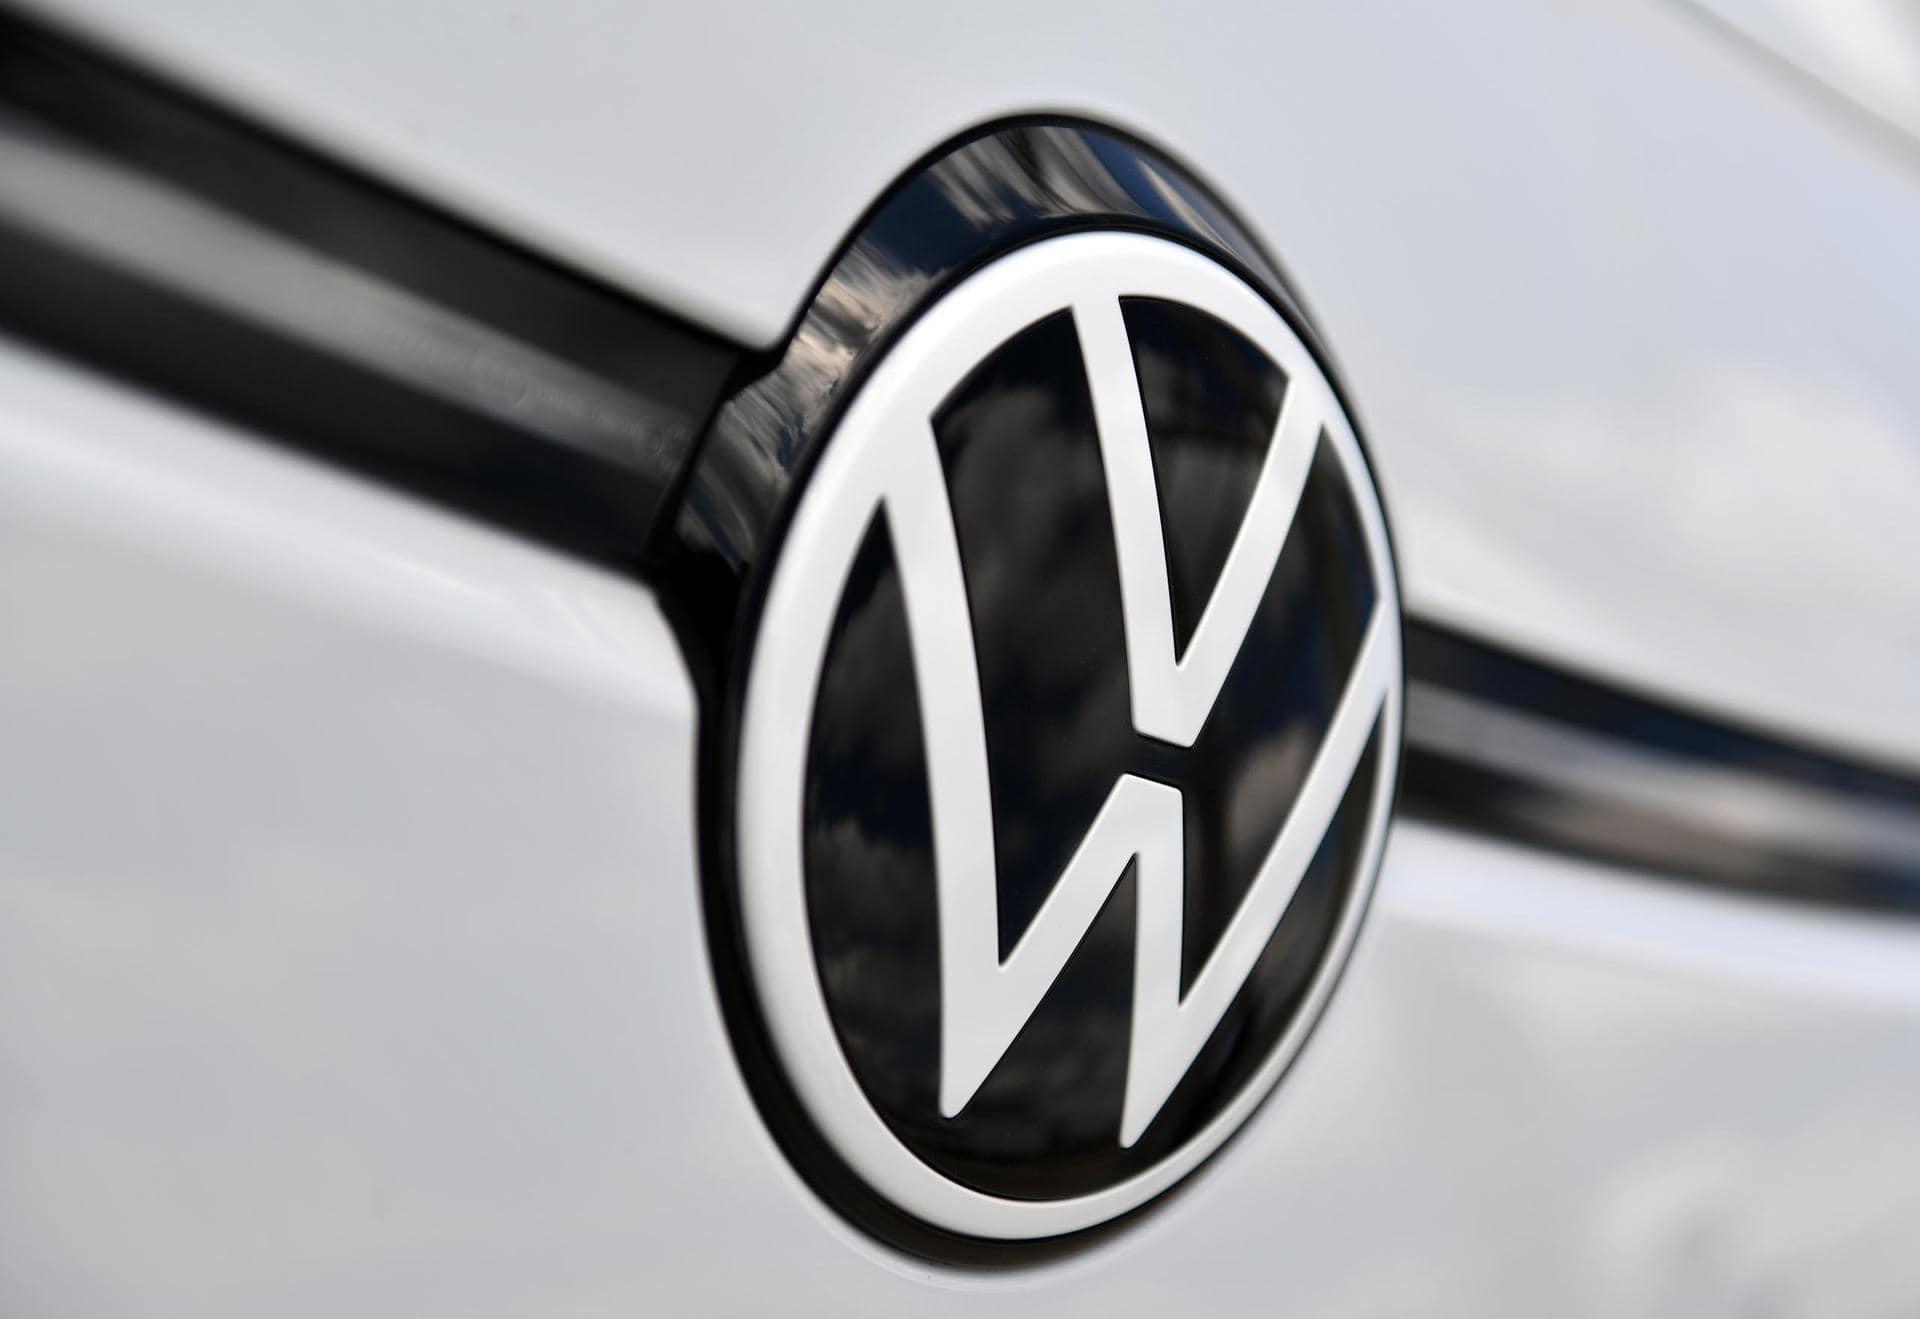 VW legt bei E-Flotten-Zielen nach Autobranche